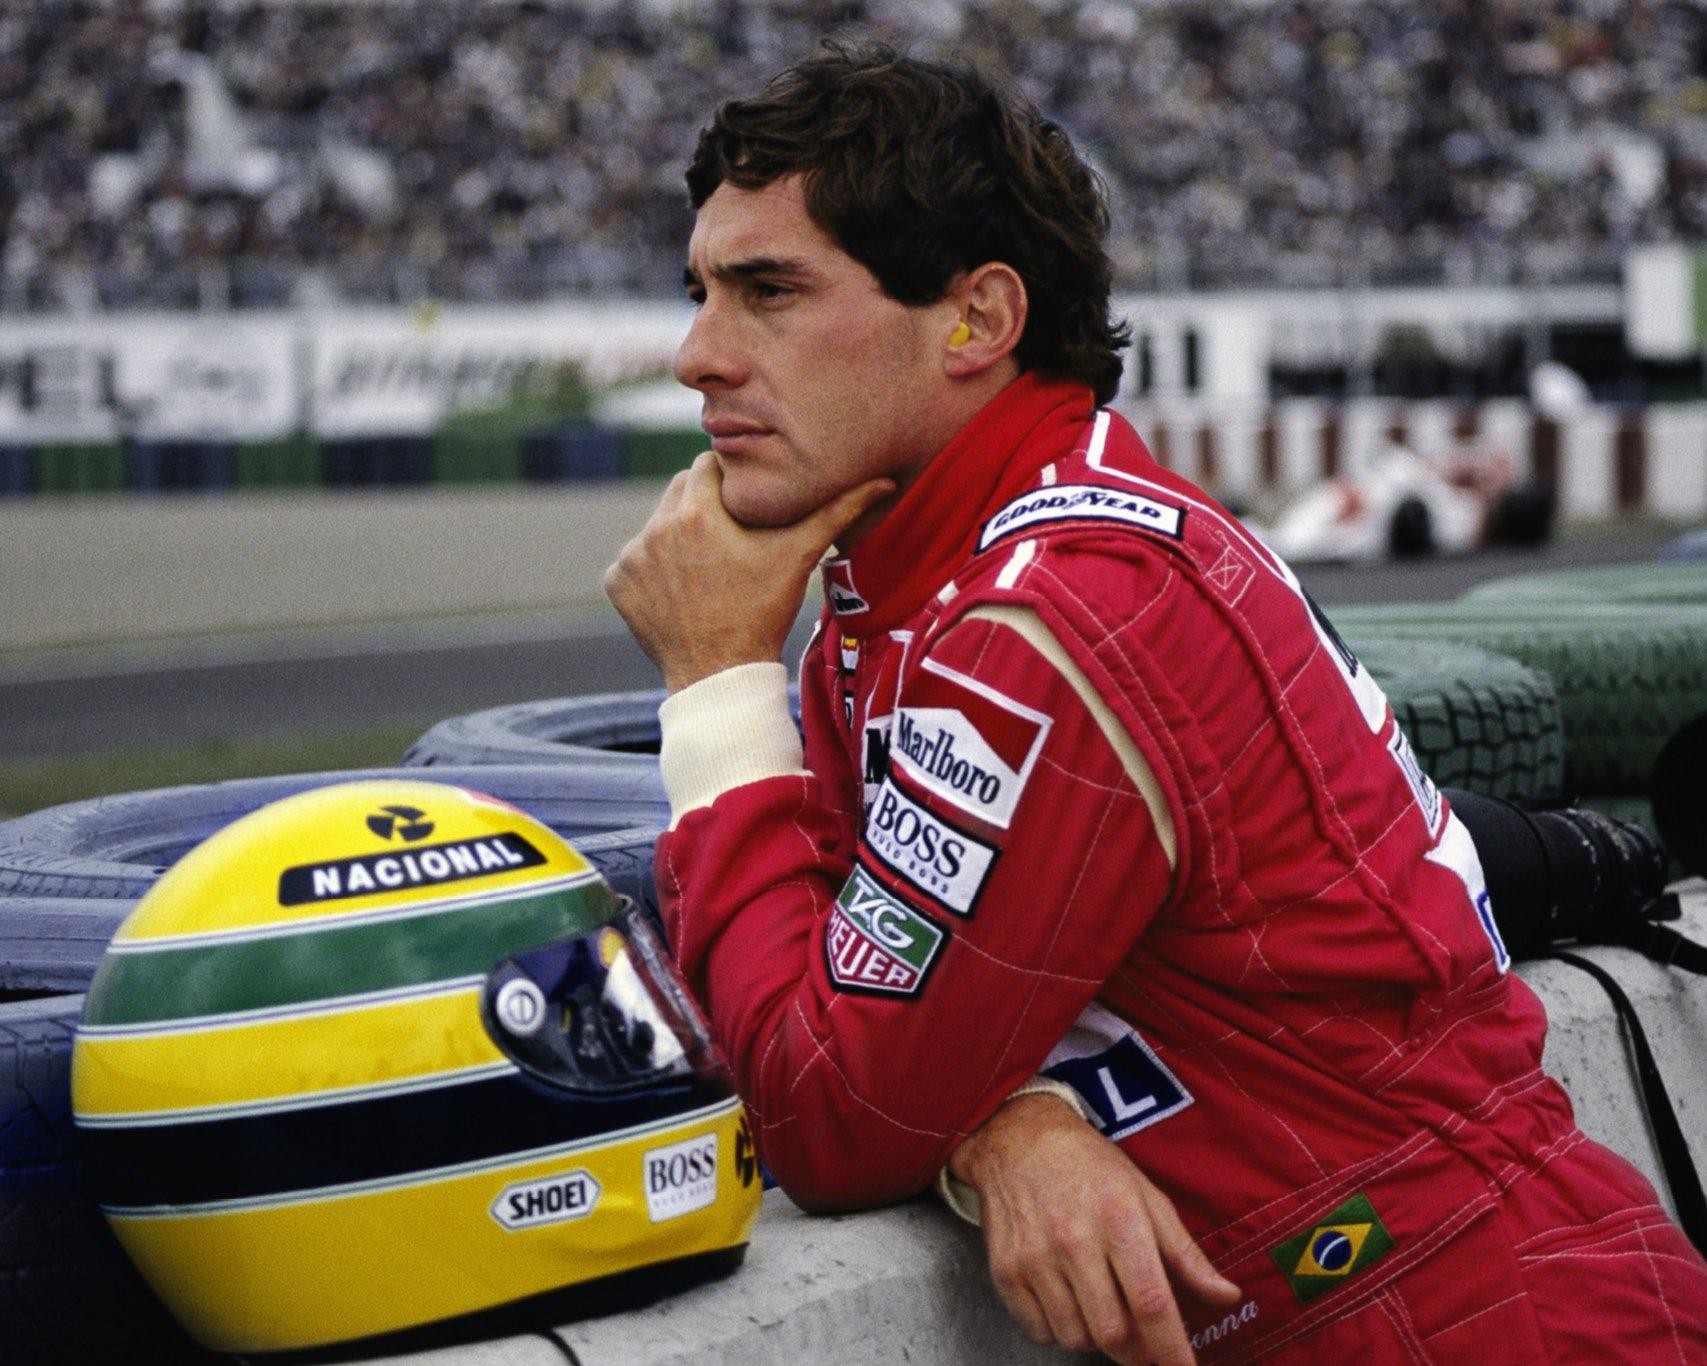 Ayrton Senna, las leyendas nunca mueren